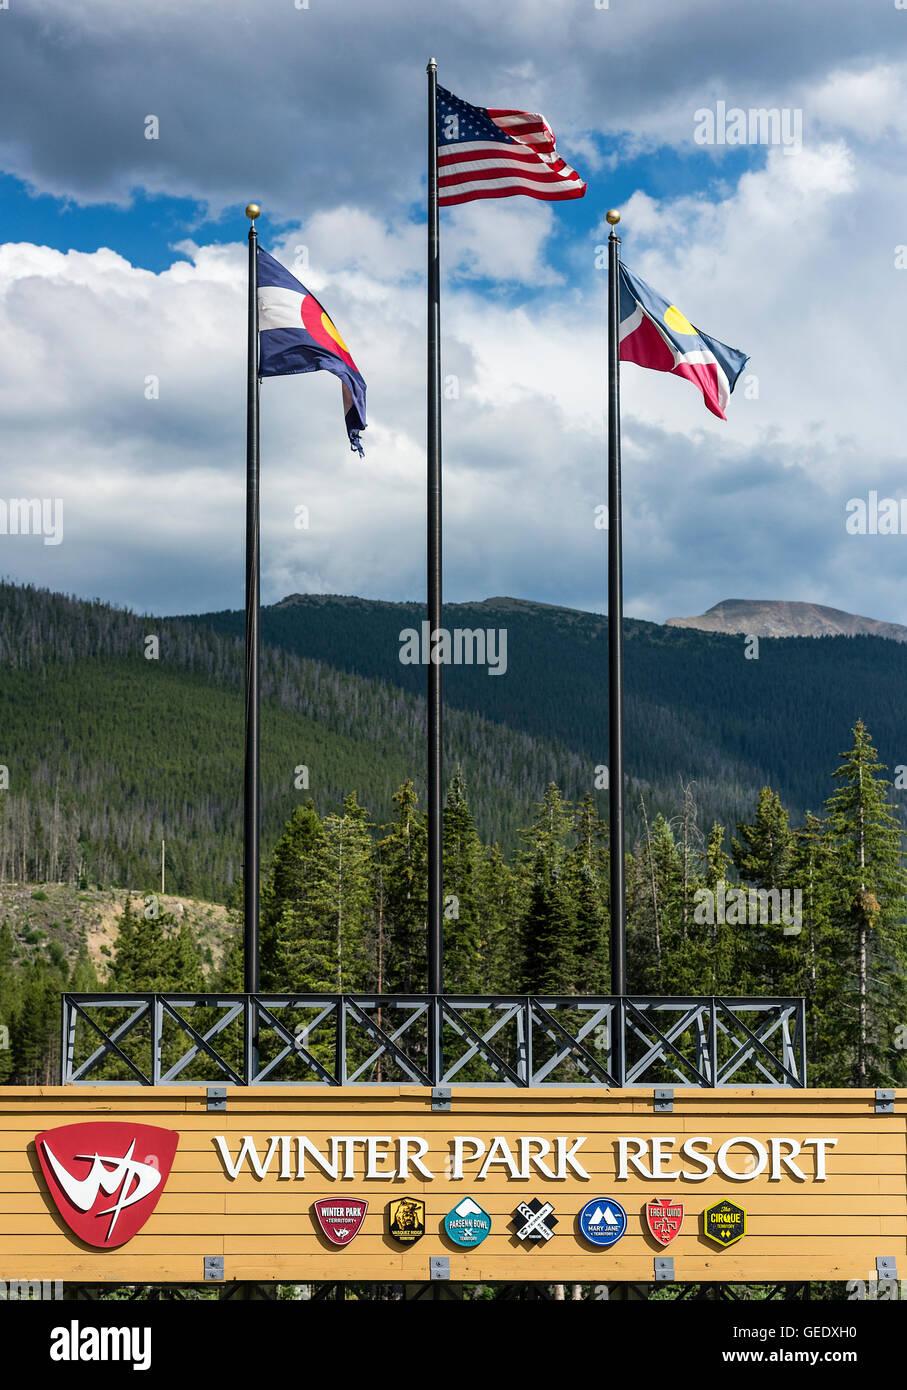 Winter Park Ski Resort, Colorado, USA - Stock Image